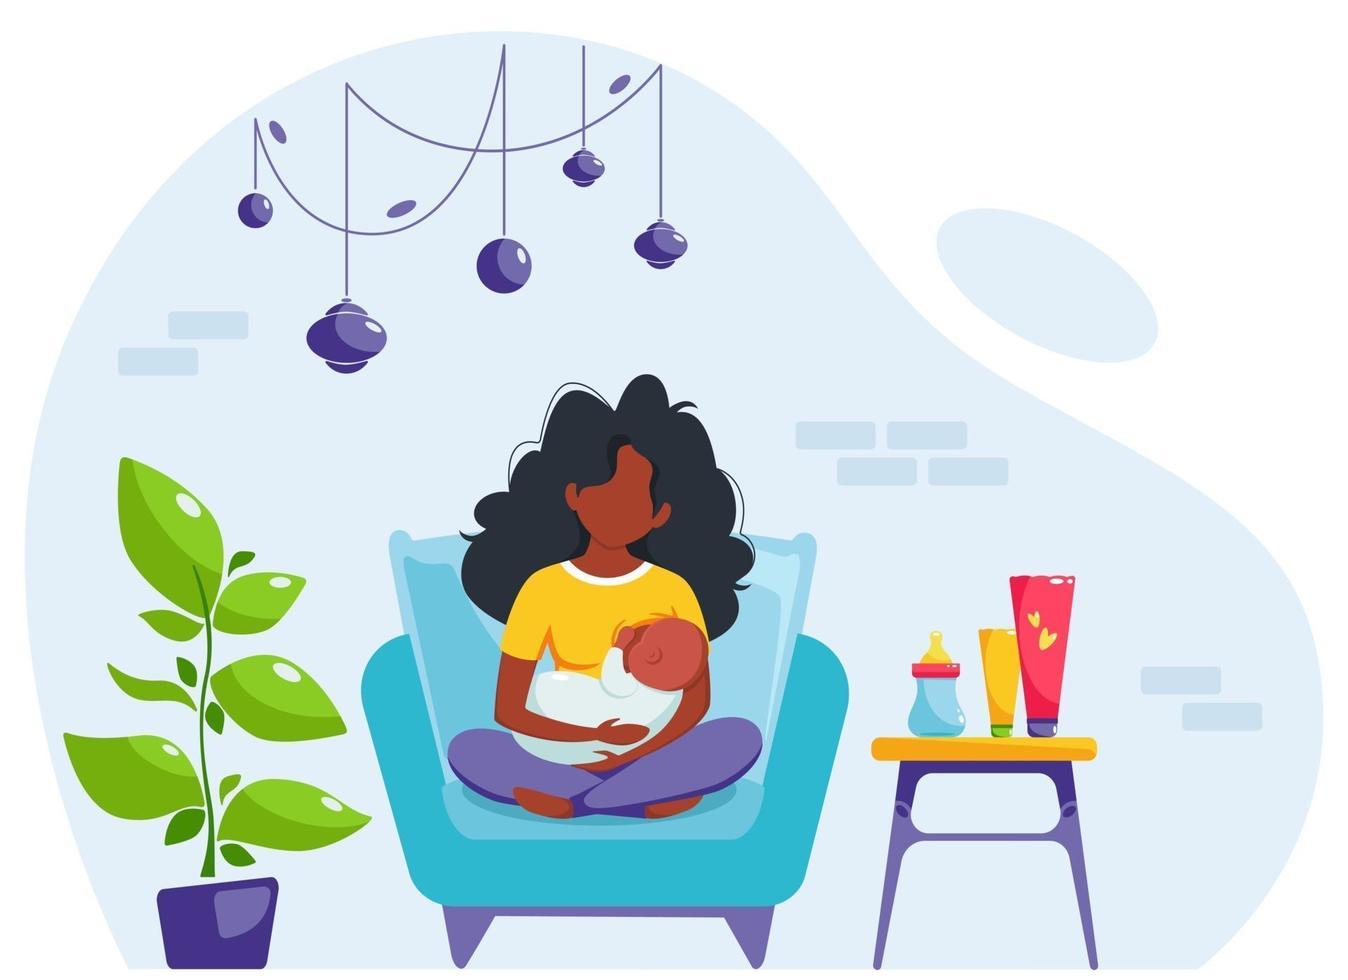 concepto de lactancia materna. mujer negra alimentando a un bebé con pecho, sentado en un sillón. día mundial de la lactancia materna. ilustración vectorial vector